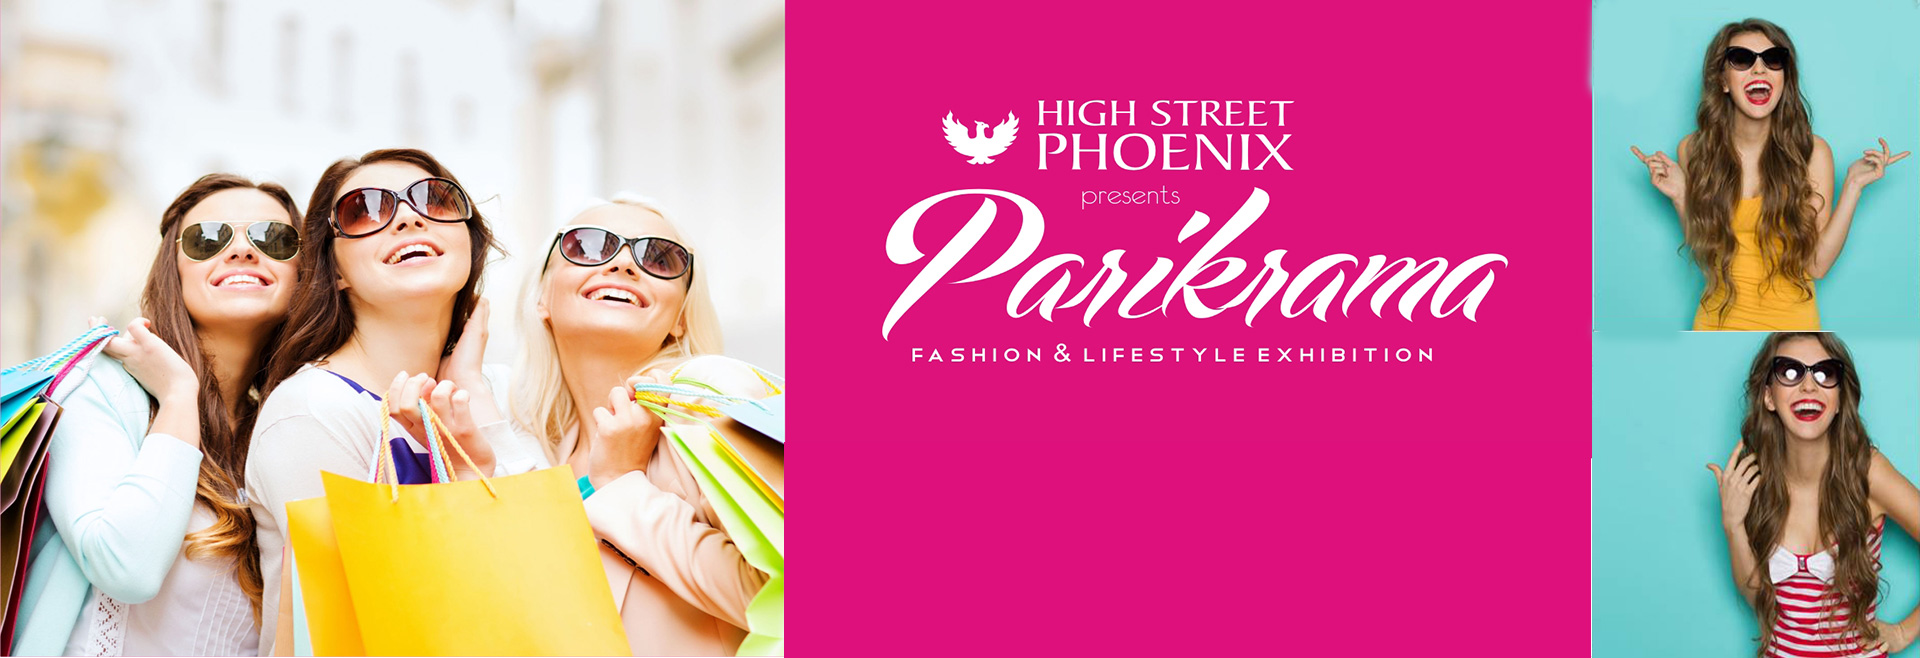 Parikrama Fashion & Lifestyle Exhibition